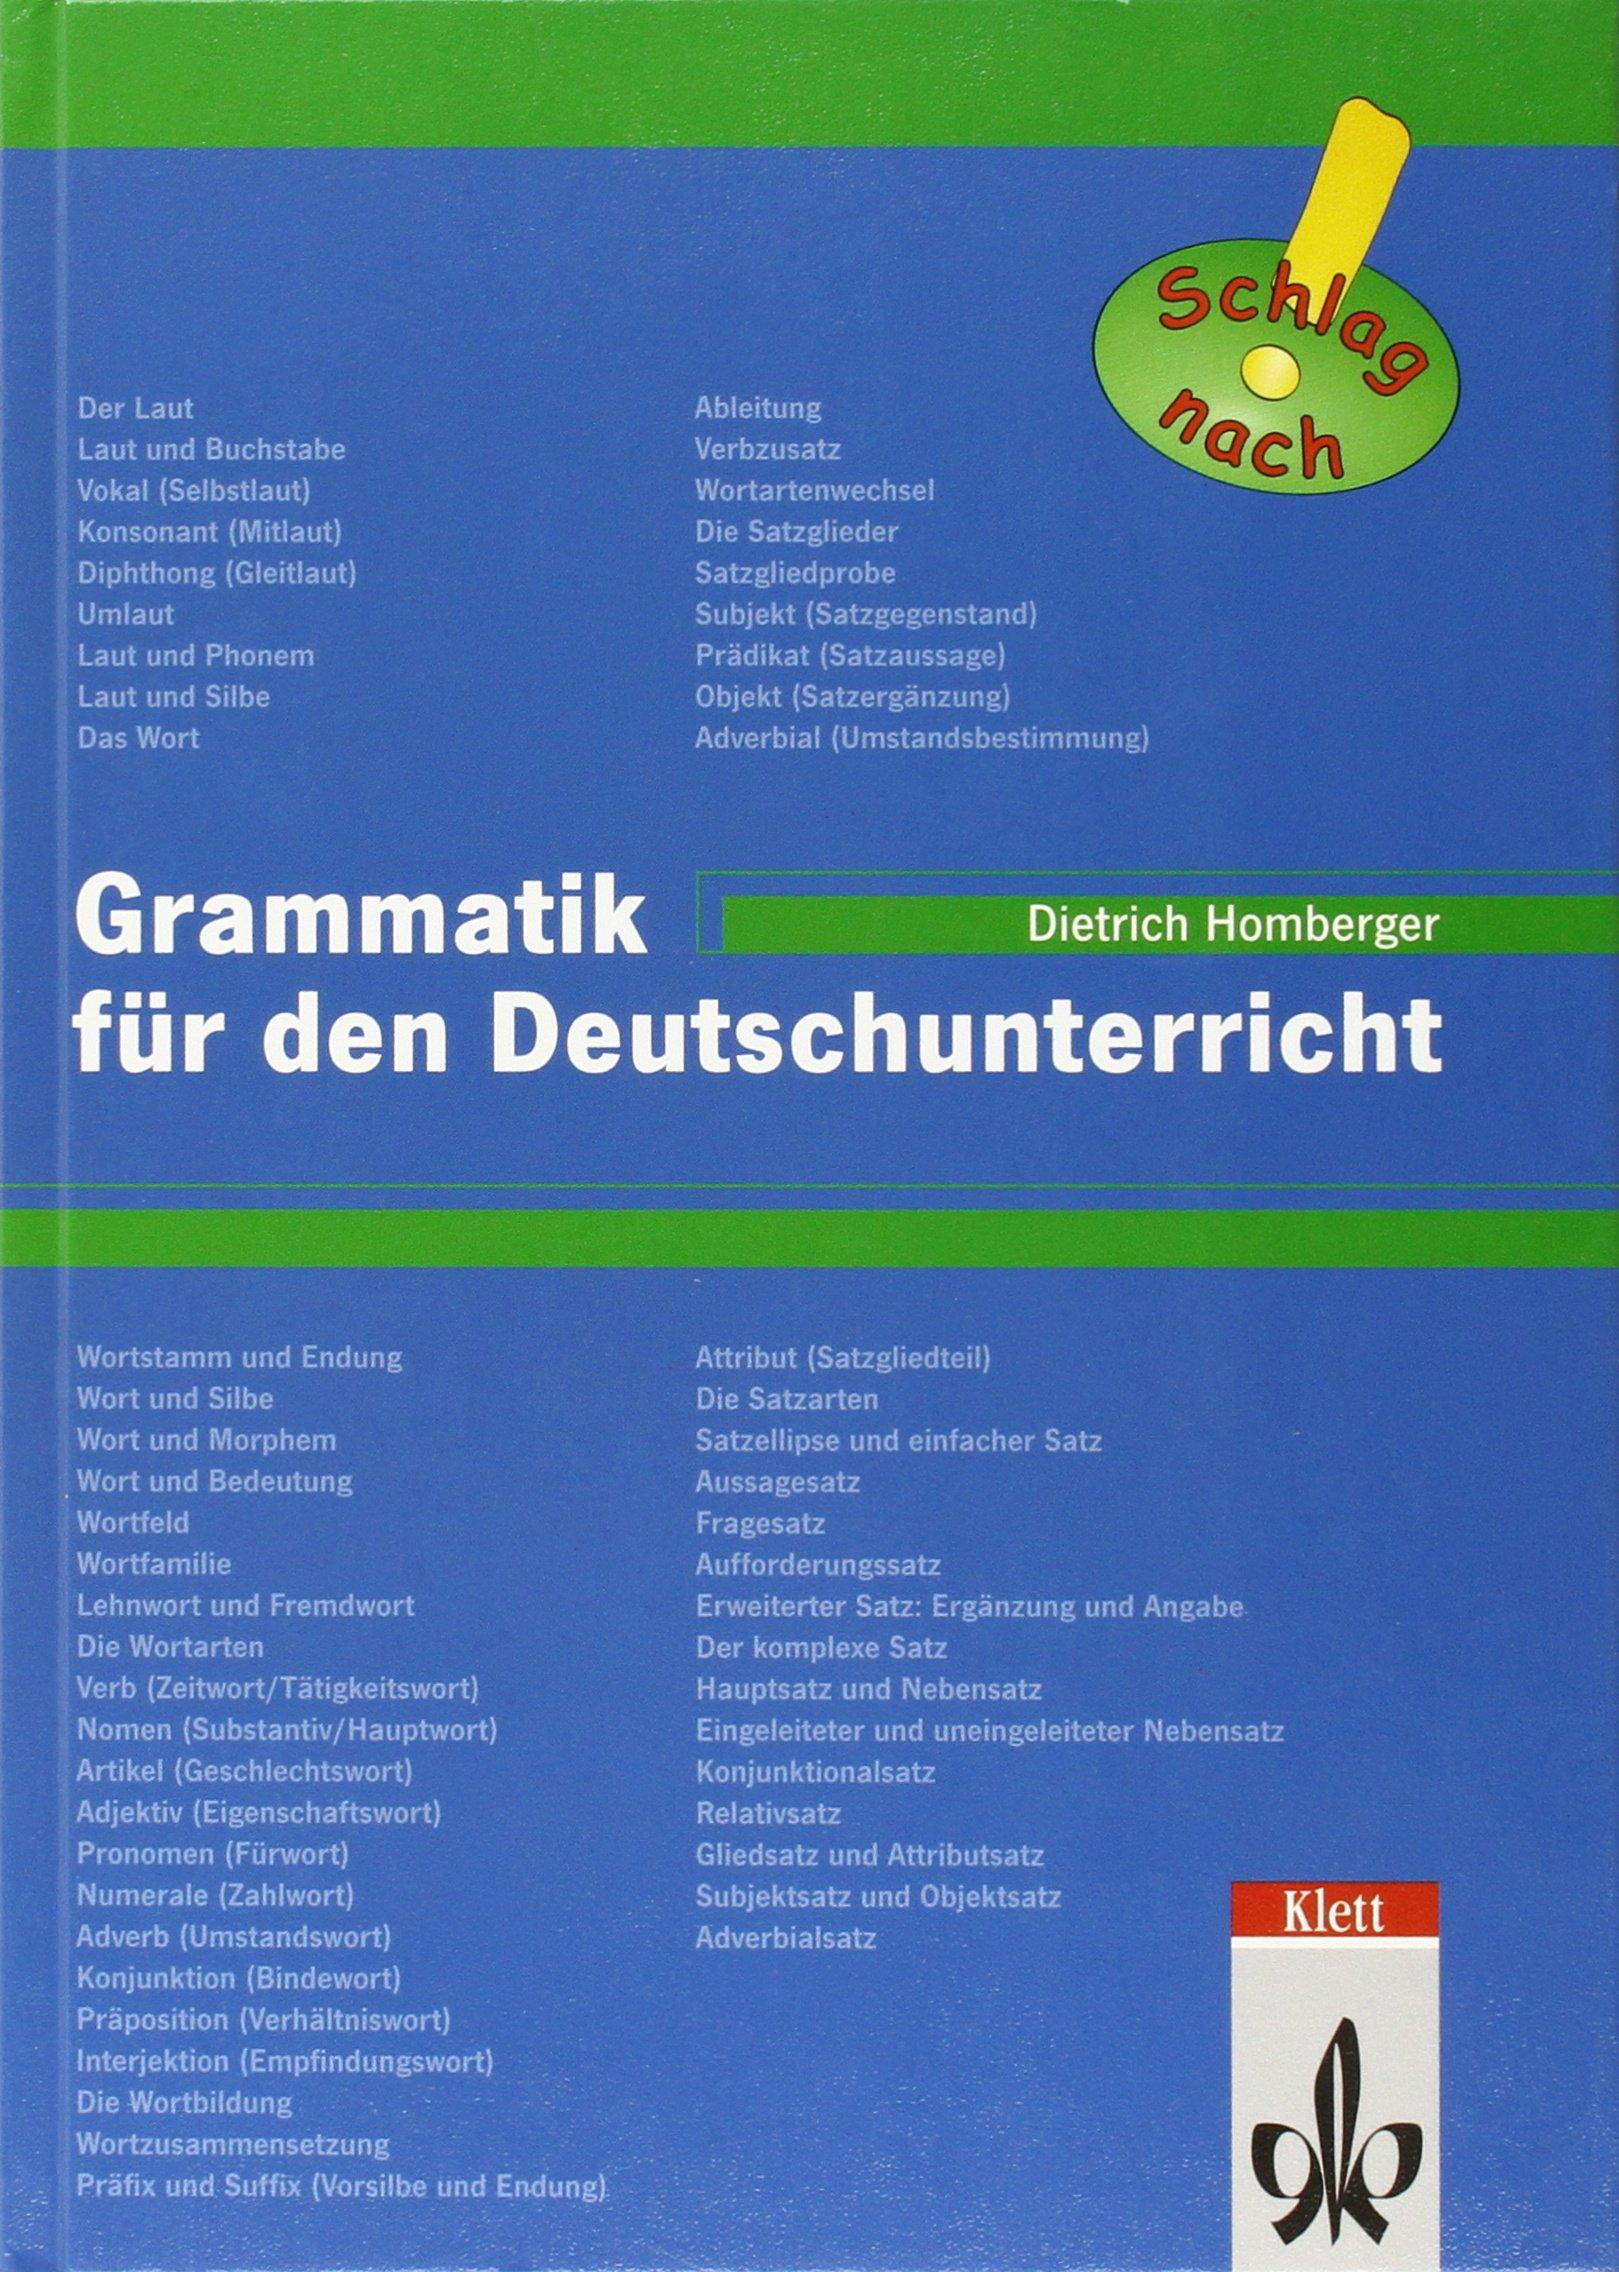 Grammatik für den Deutschunterricht, neue Rechtschreibung